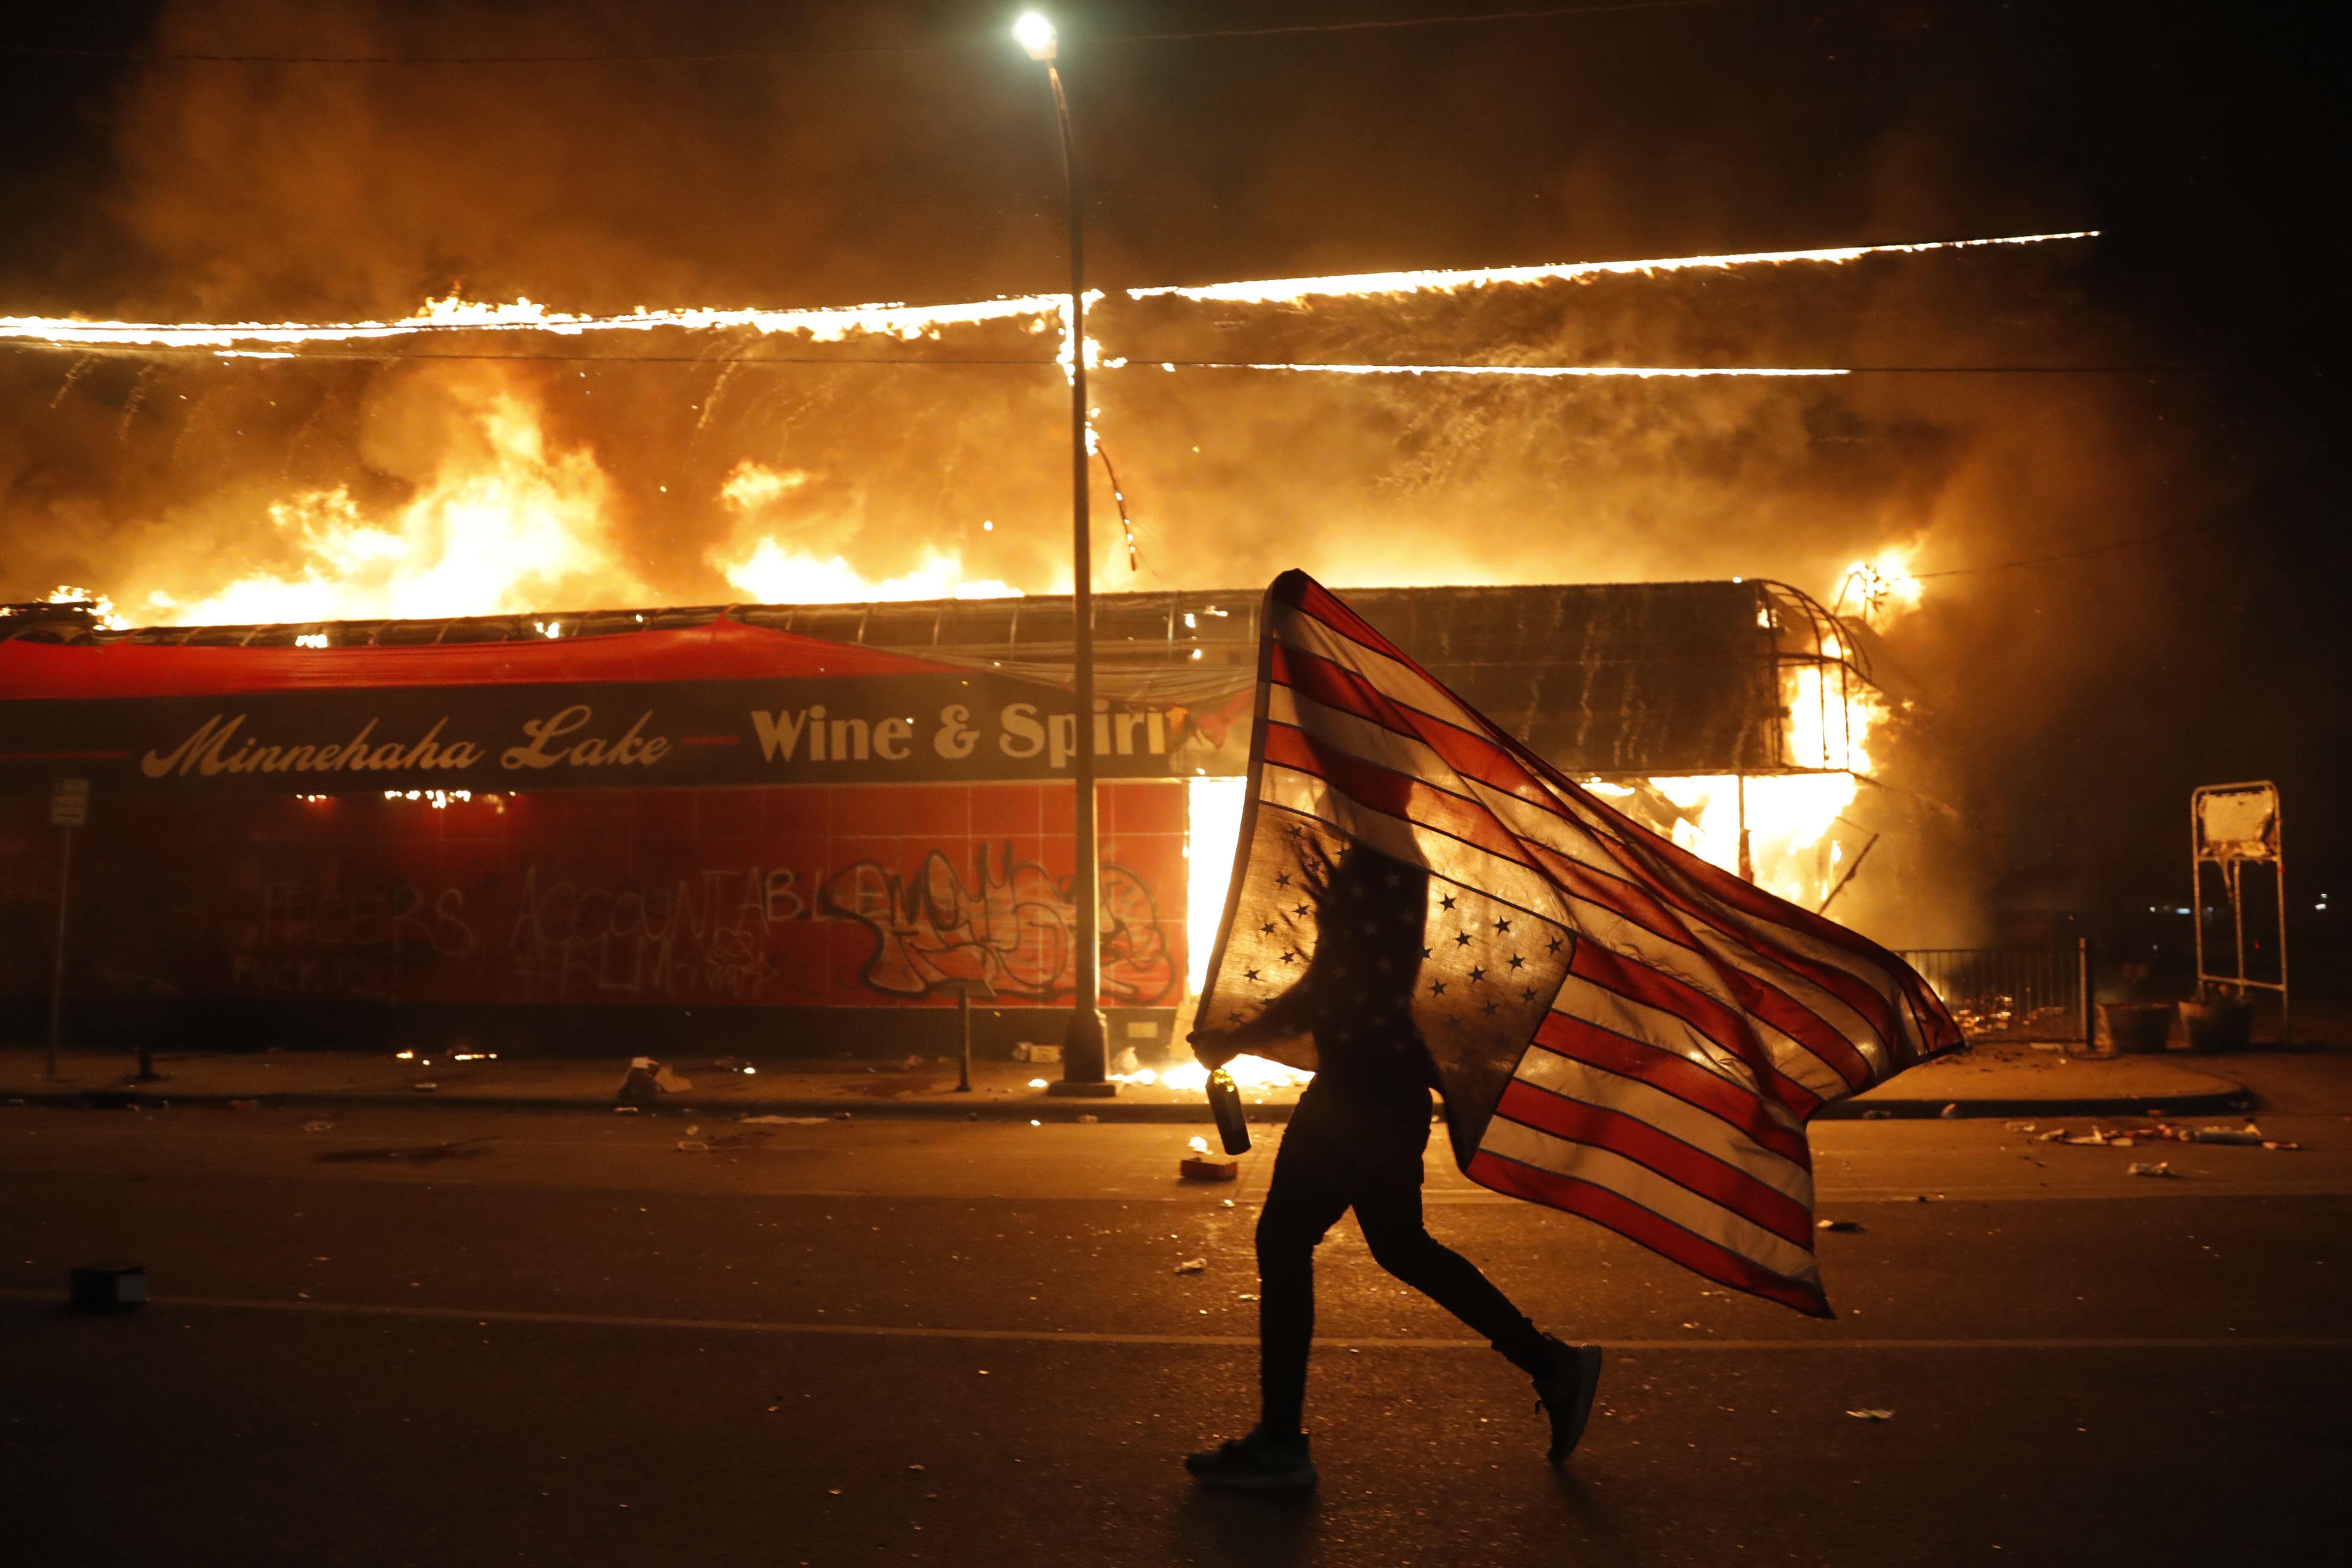 Un manifestante lleva una bandera de EE.UU. al revés junto a un edificio en llamas el jueves 28 de mayo de 2020, en Minneapolis (Foto AP/Julio Cortez)